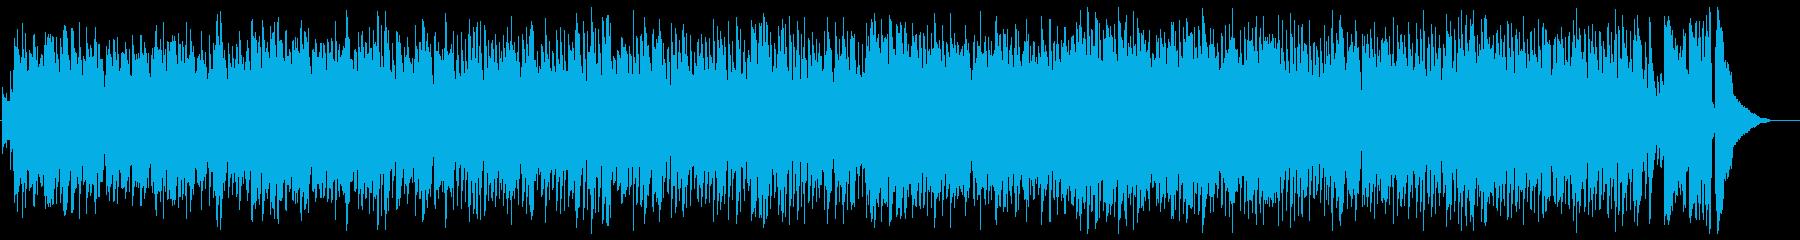 懐かしさを感じるカントリー・ミュージックの再生済みの波形